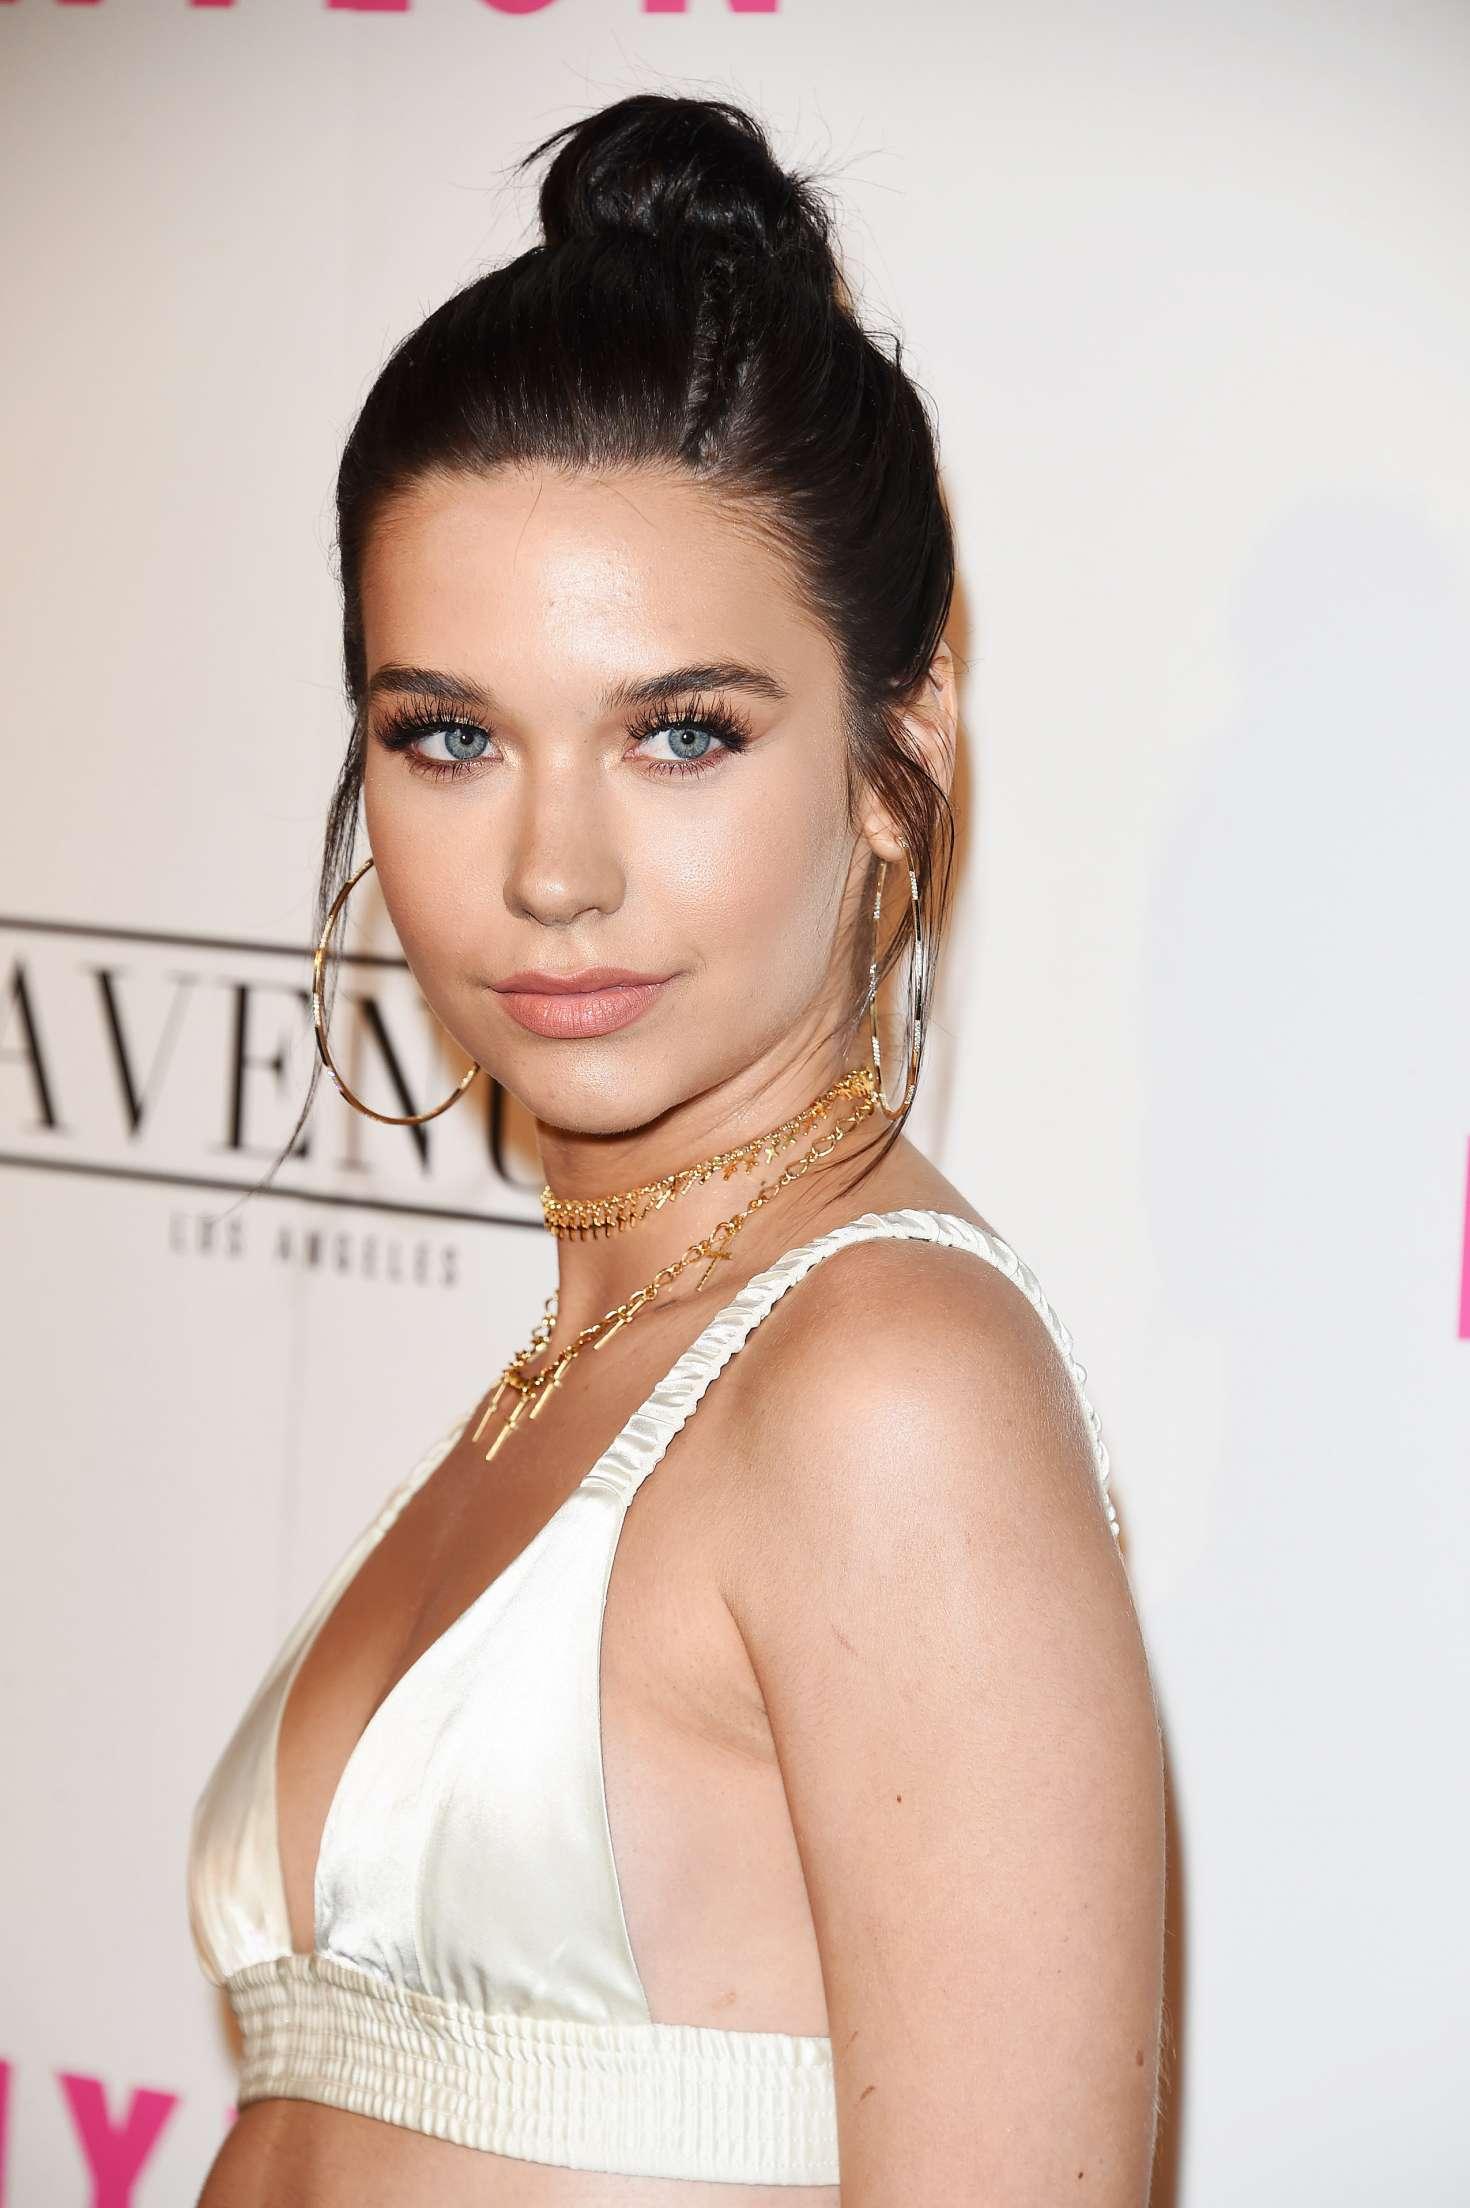 Amanda Steele 2017 : Amanda Steele: Nylon Young Hollywood May Issue Event -03